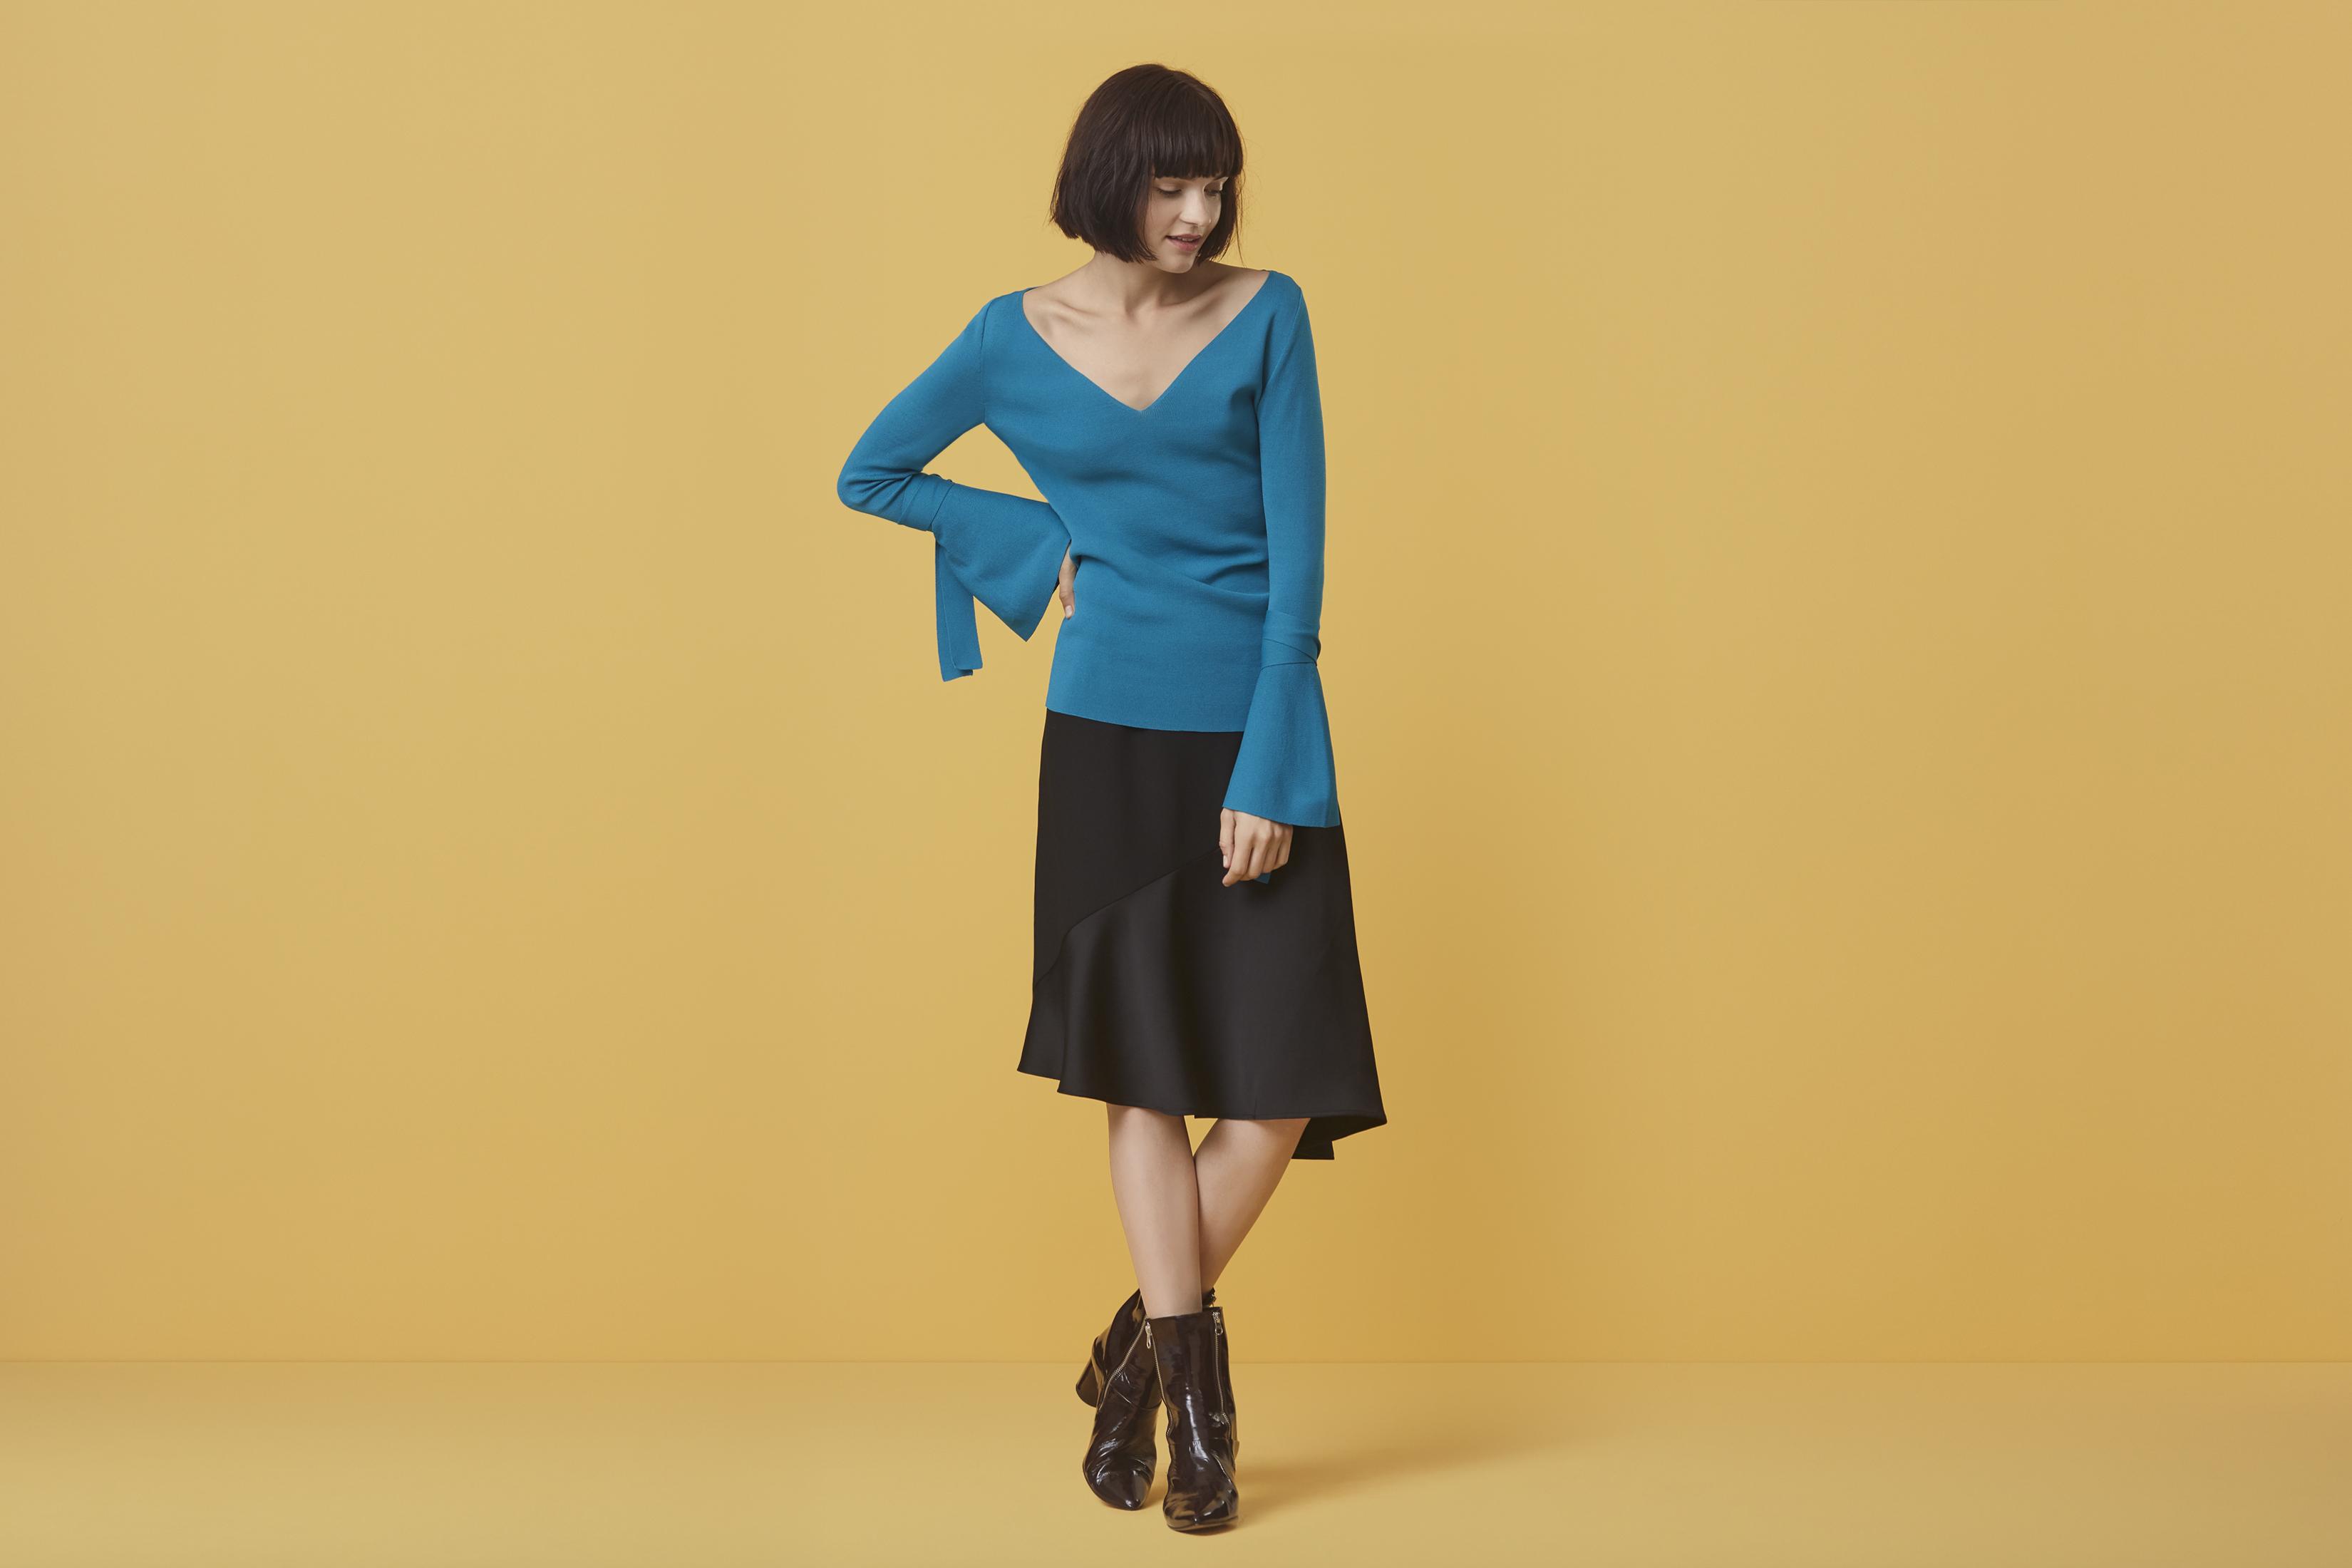 025_blenheim-knitwear-blue-finery-london_0592.jpg